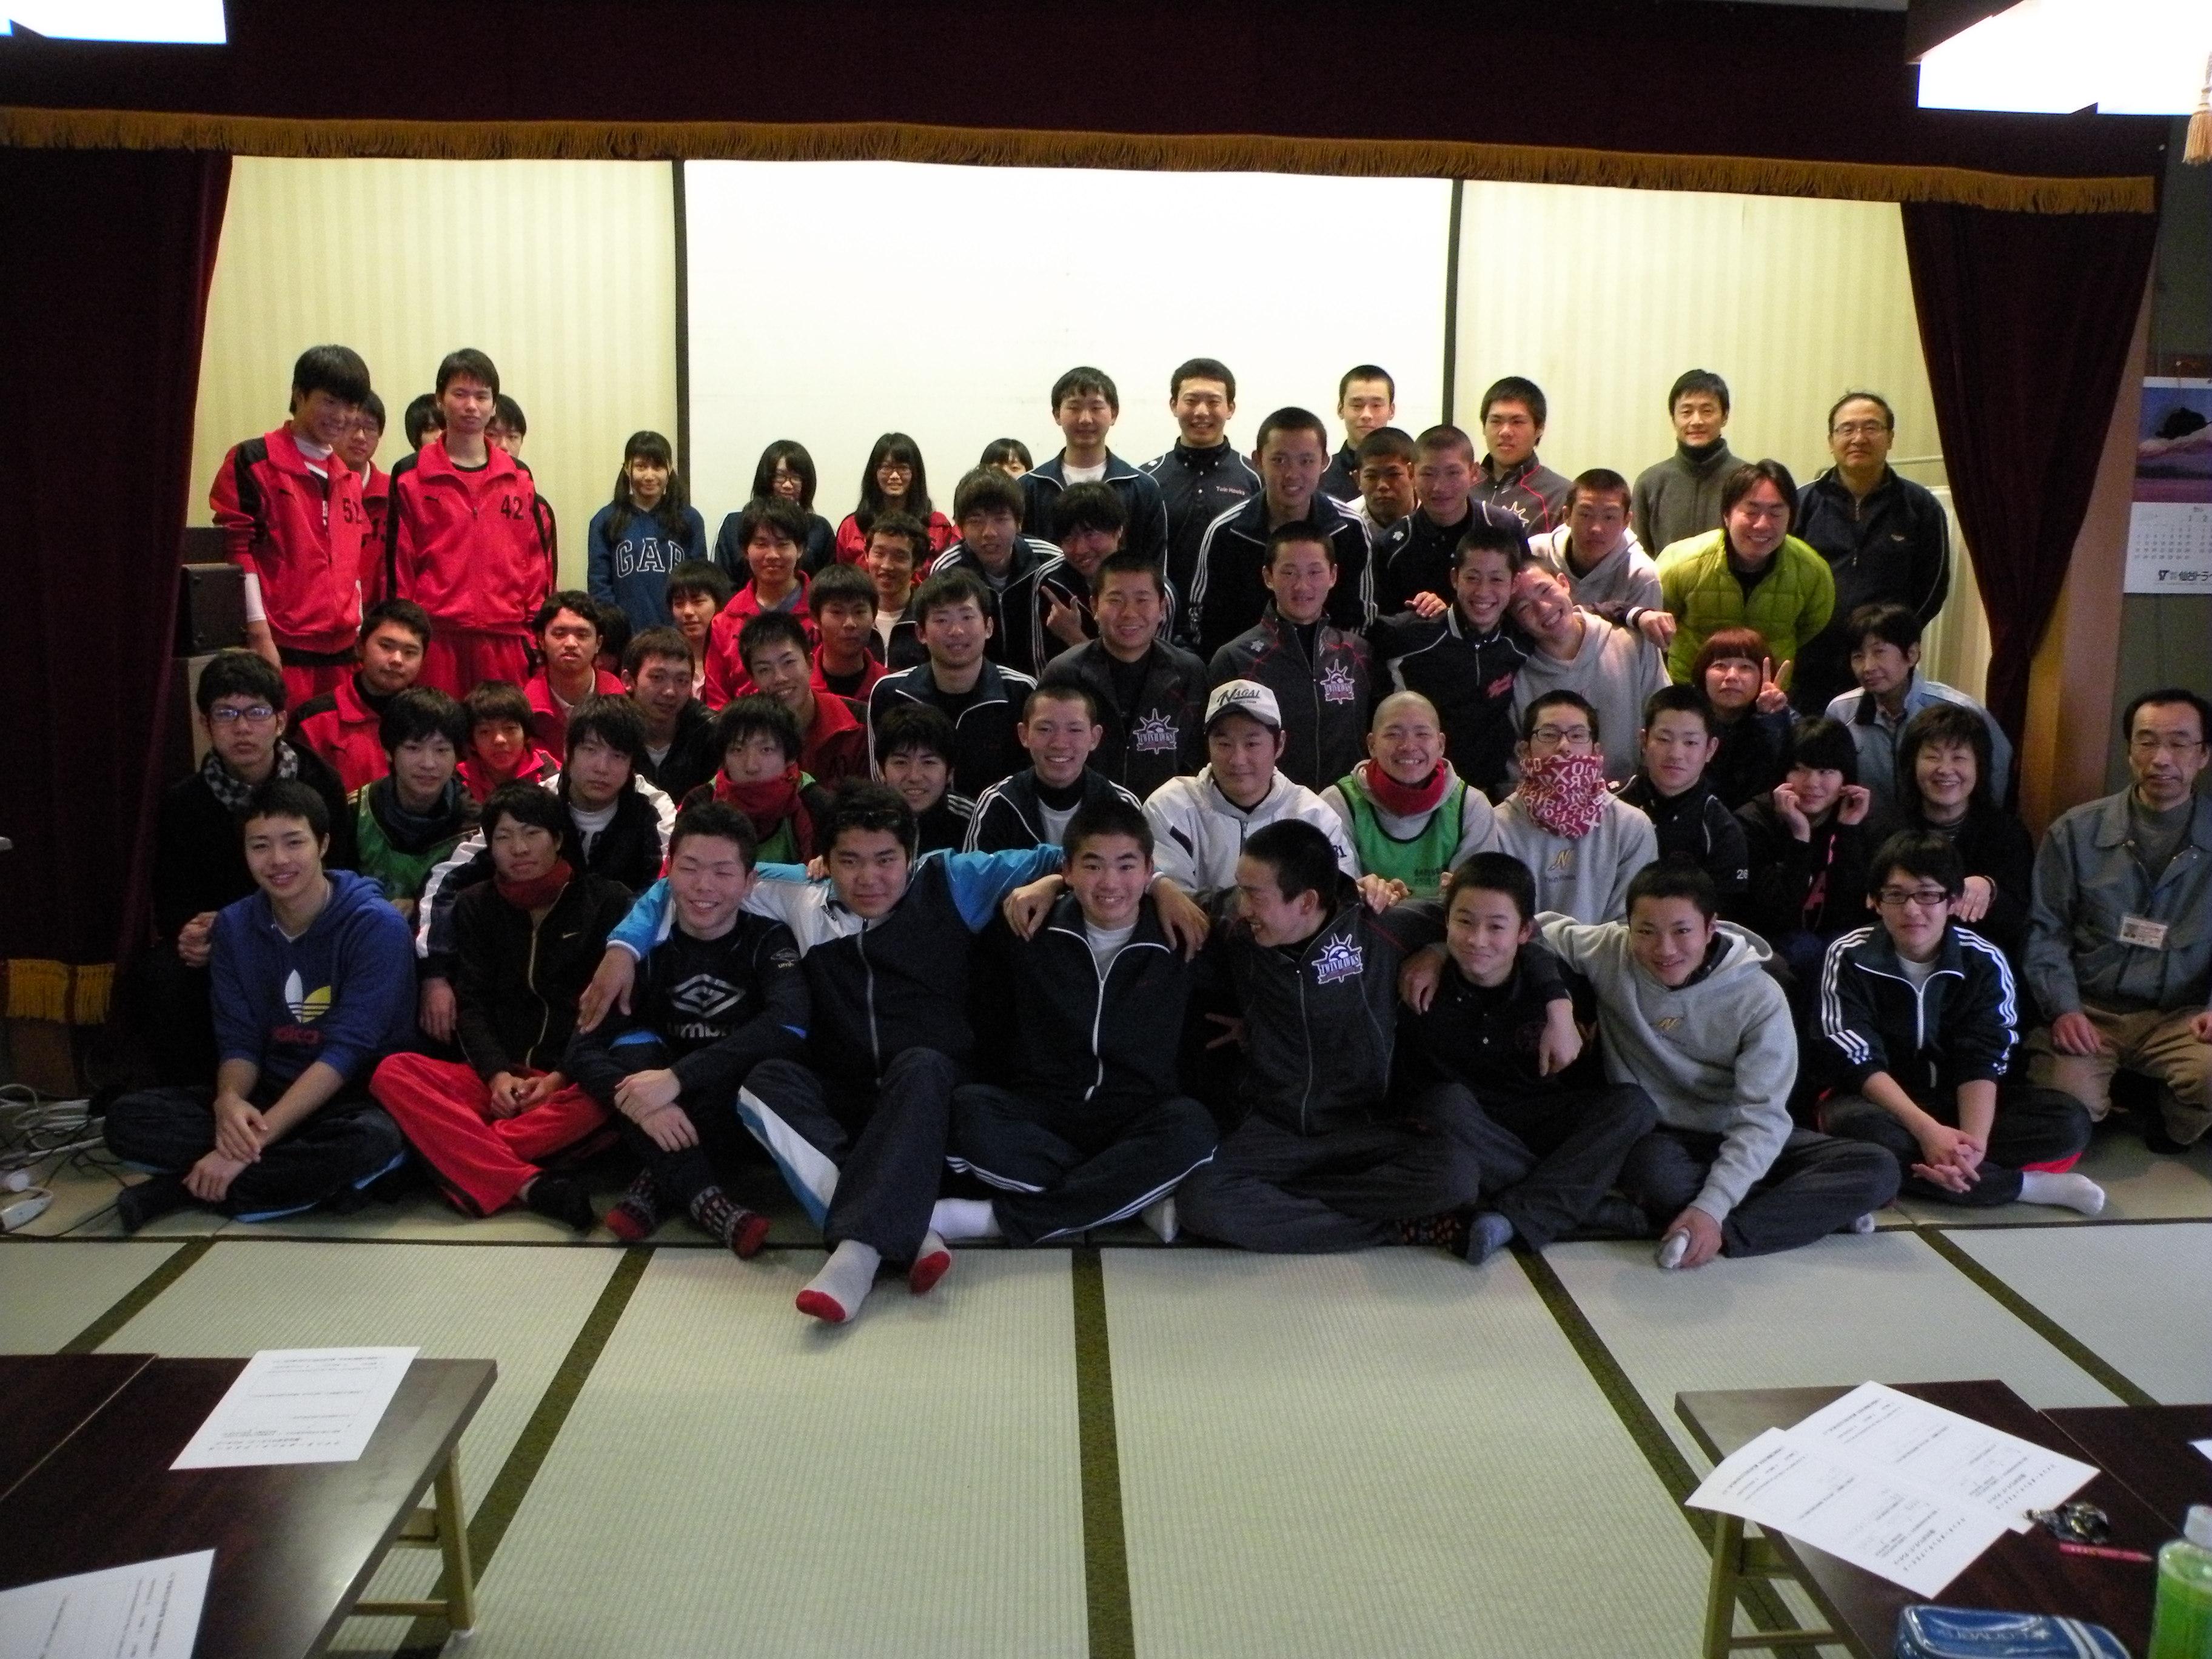 ウィンターボランティアスクールが開催されました。